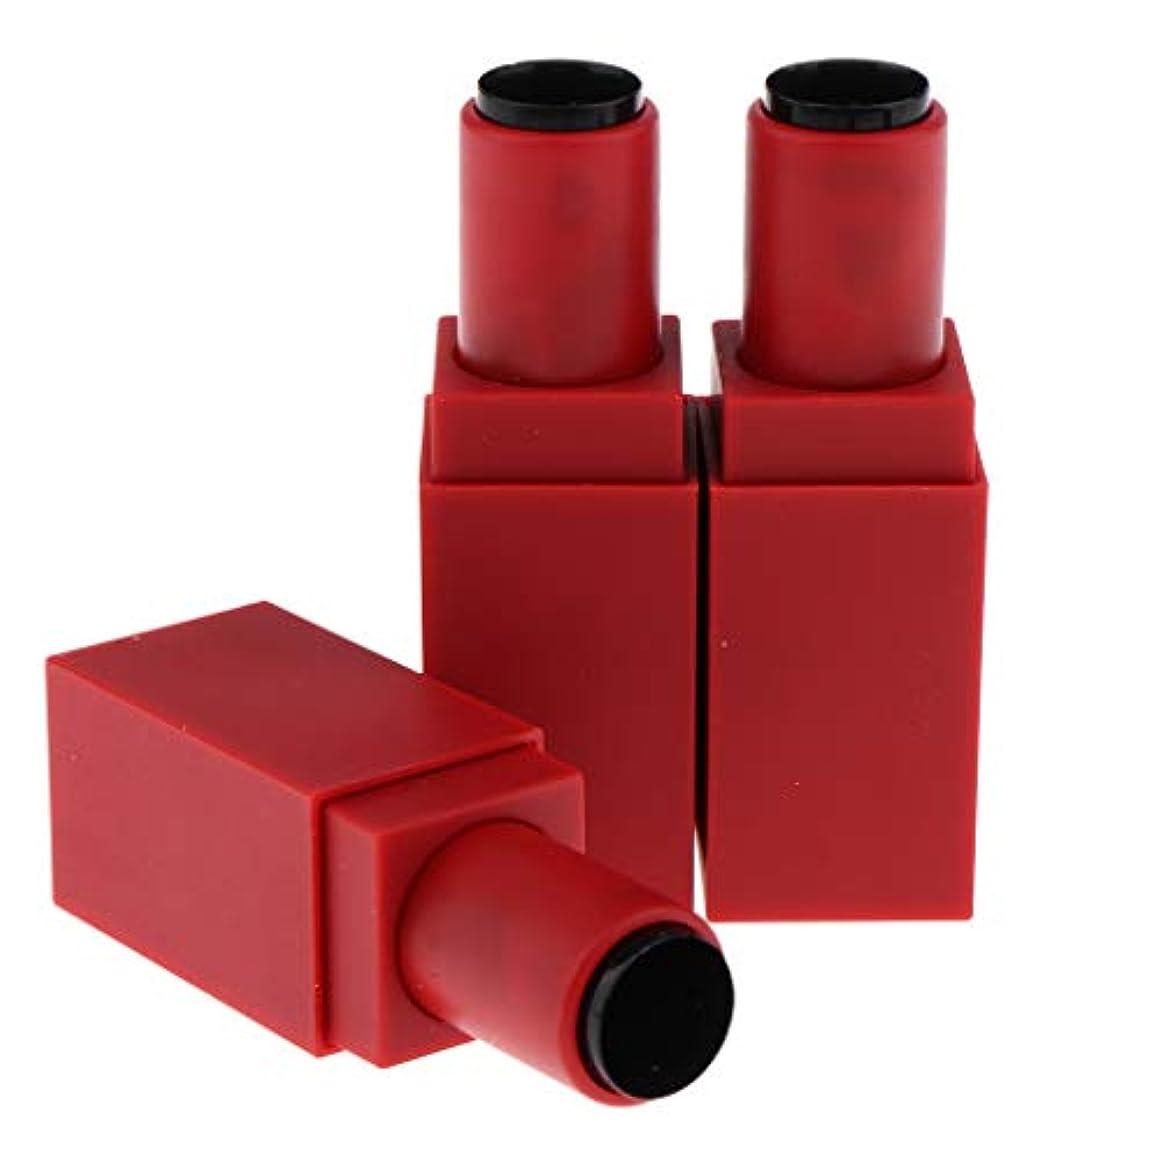 メールを書く割り込み溶けたDYNWAVE 12.1ミリメートル空の手作り口紅チューブリップクリームボトルコンテナ - 赤